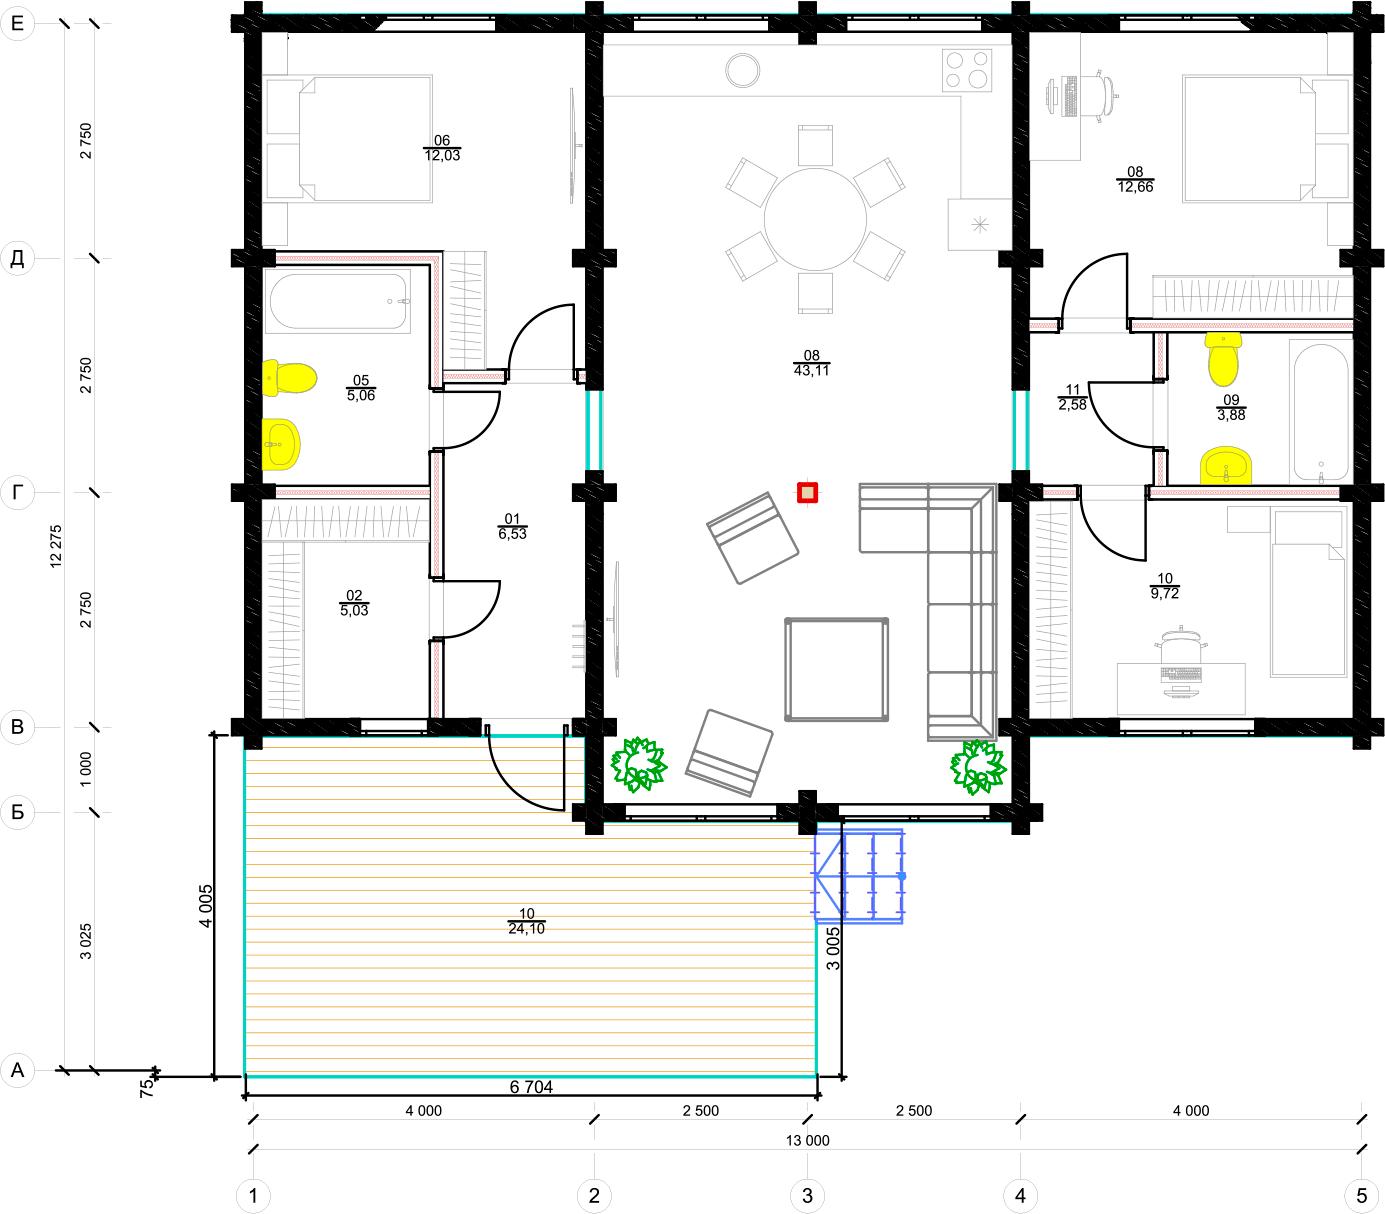 План первого этажа Bonn 1.1 (Дом Бонн)